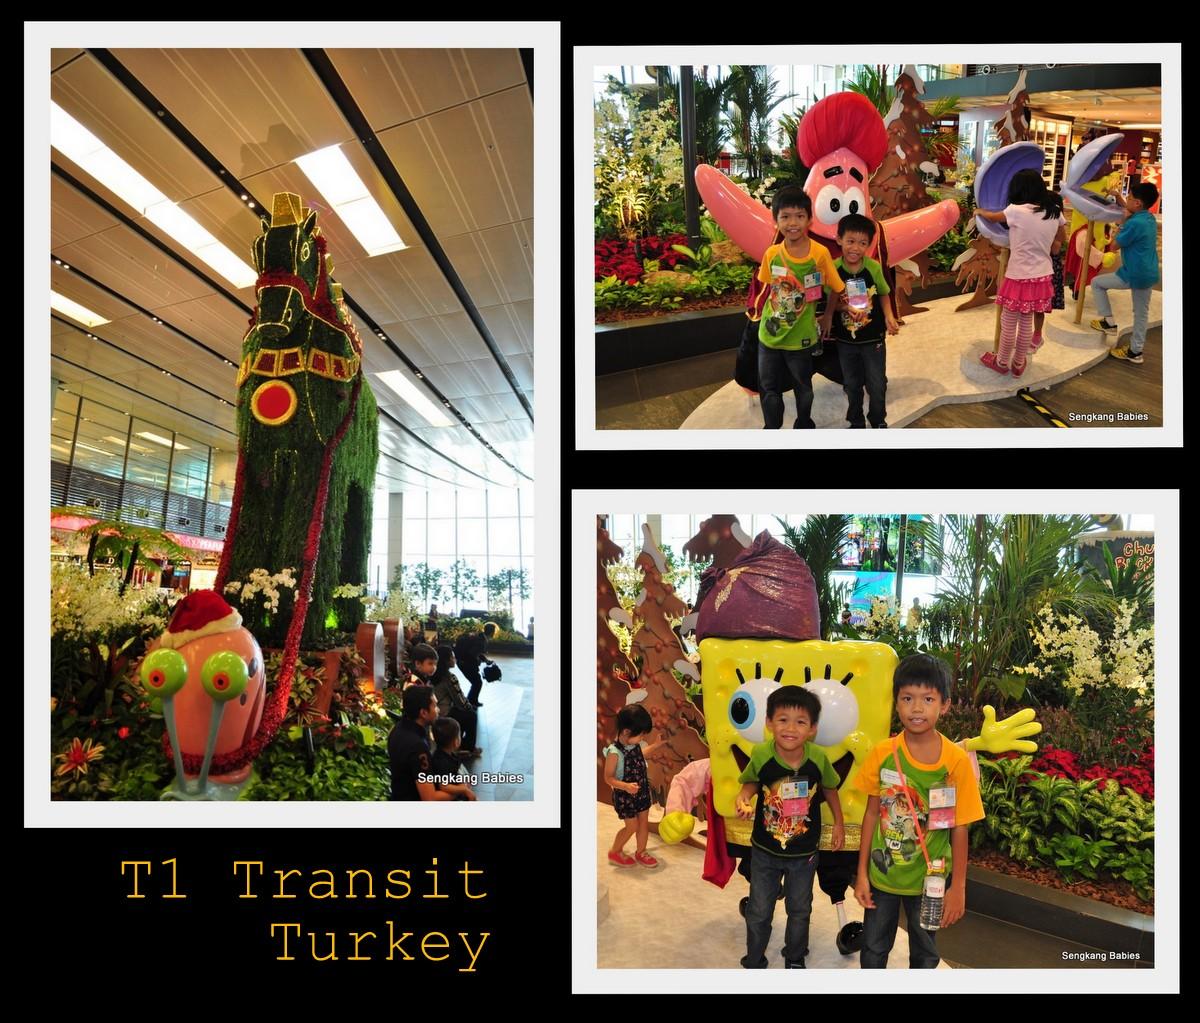 Changi Christmas event, Changi Christmas kids activities, Changi family attractions